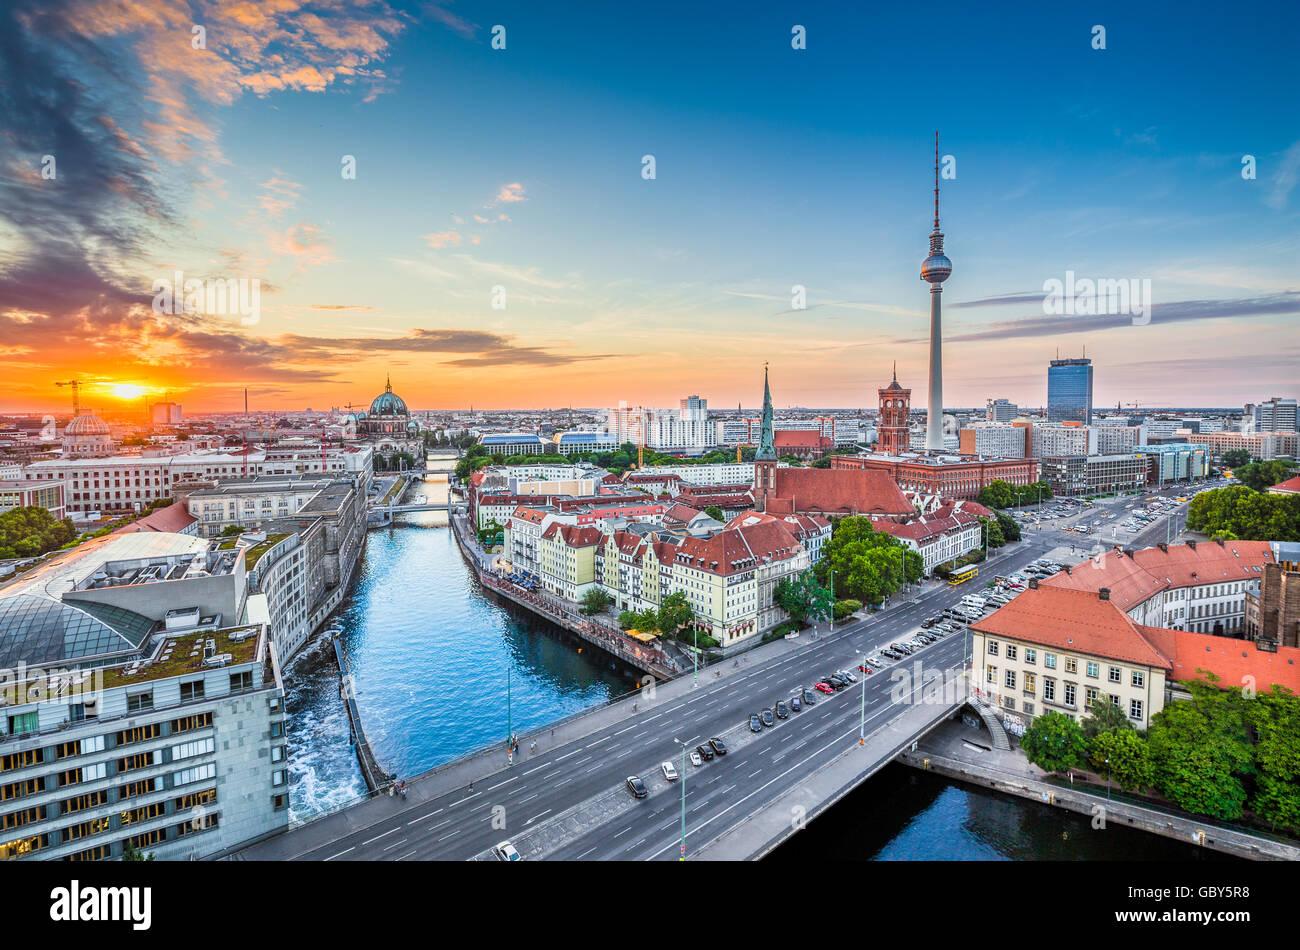 Vue aérienne de toits de Berlin avec célèbre tour de la télévision et de la Spree, belle Photo Stock